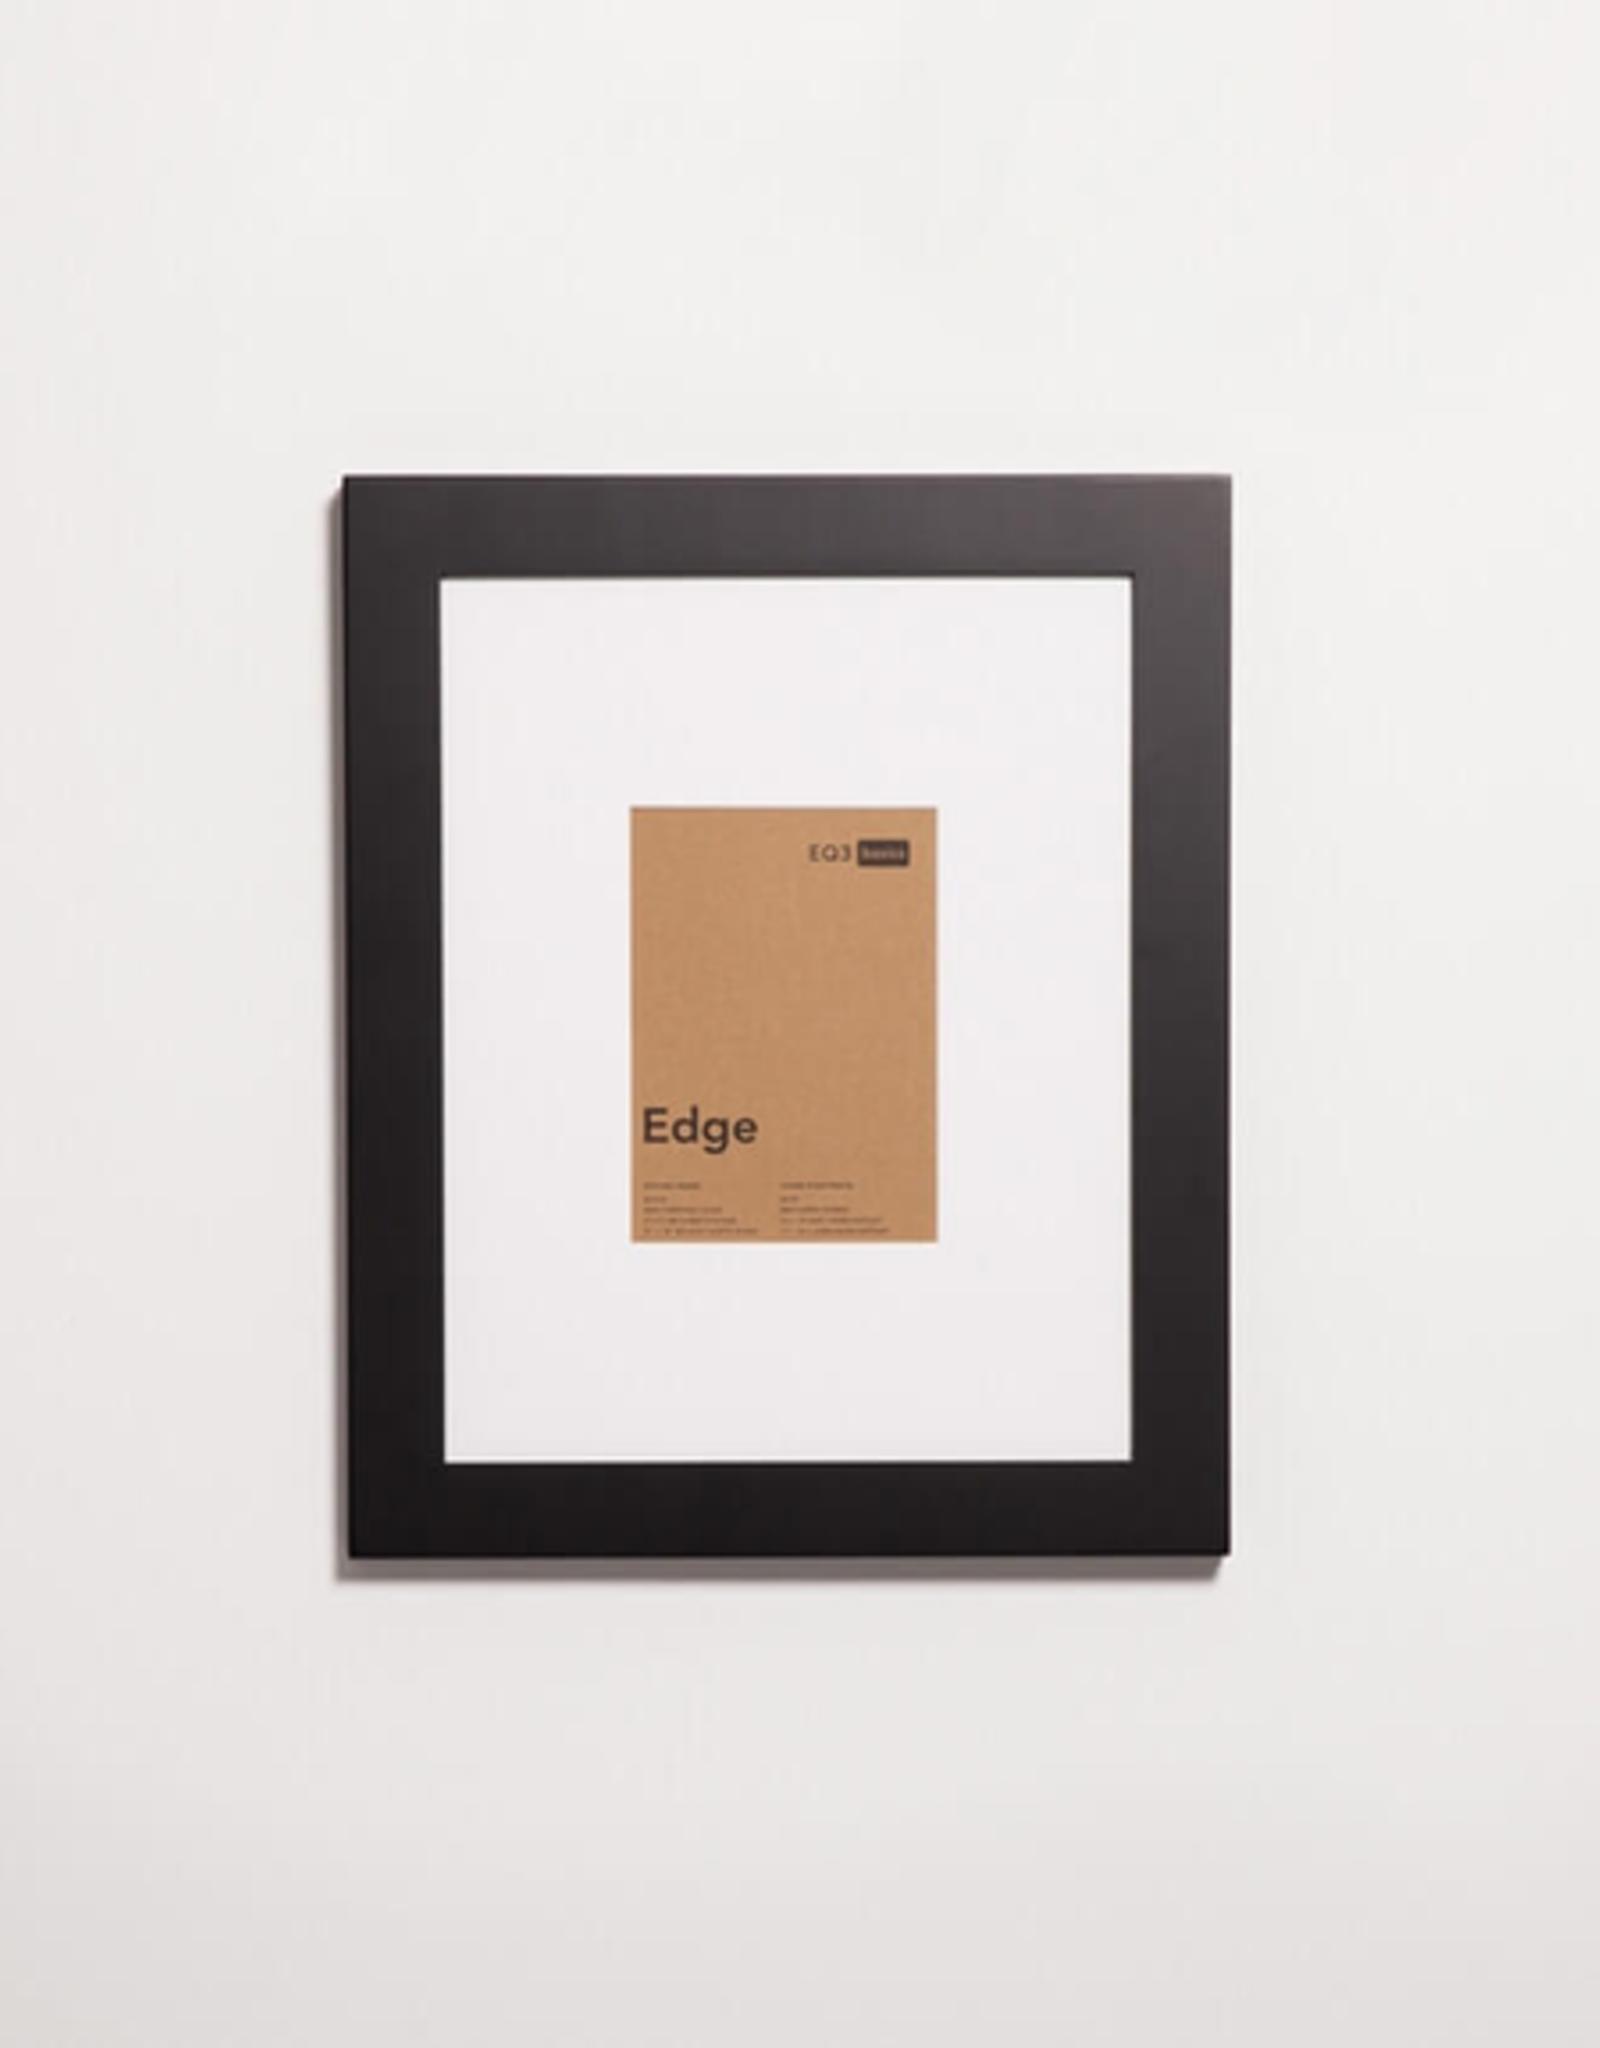 EQ3 EQ3 Edge Picture Frame-Black Small